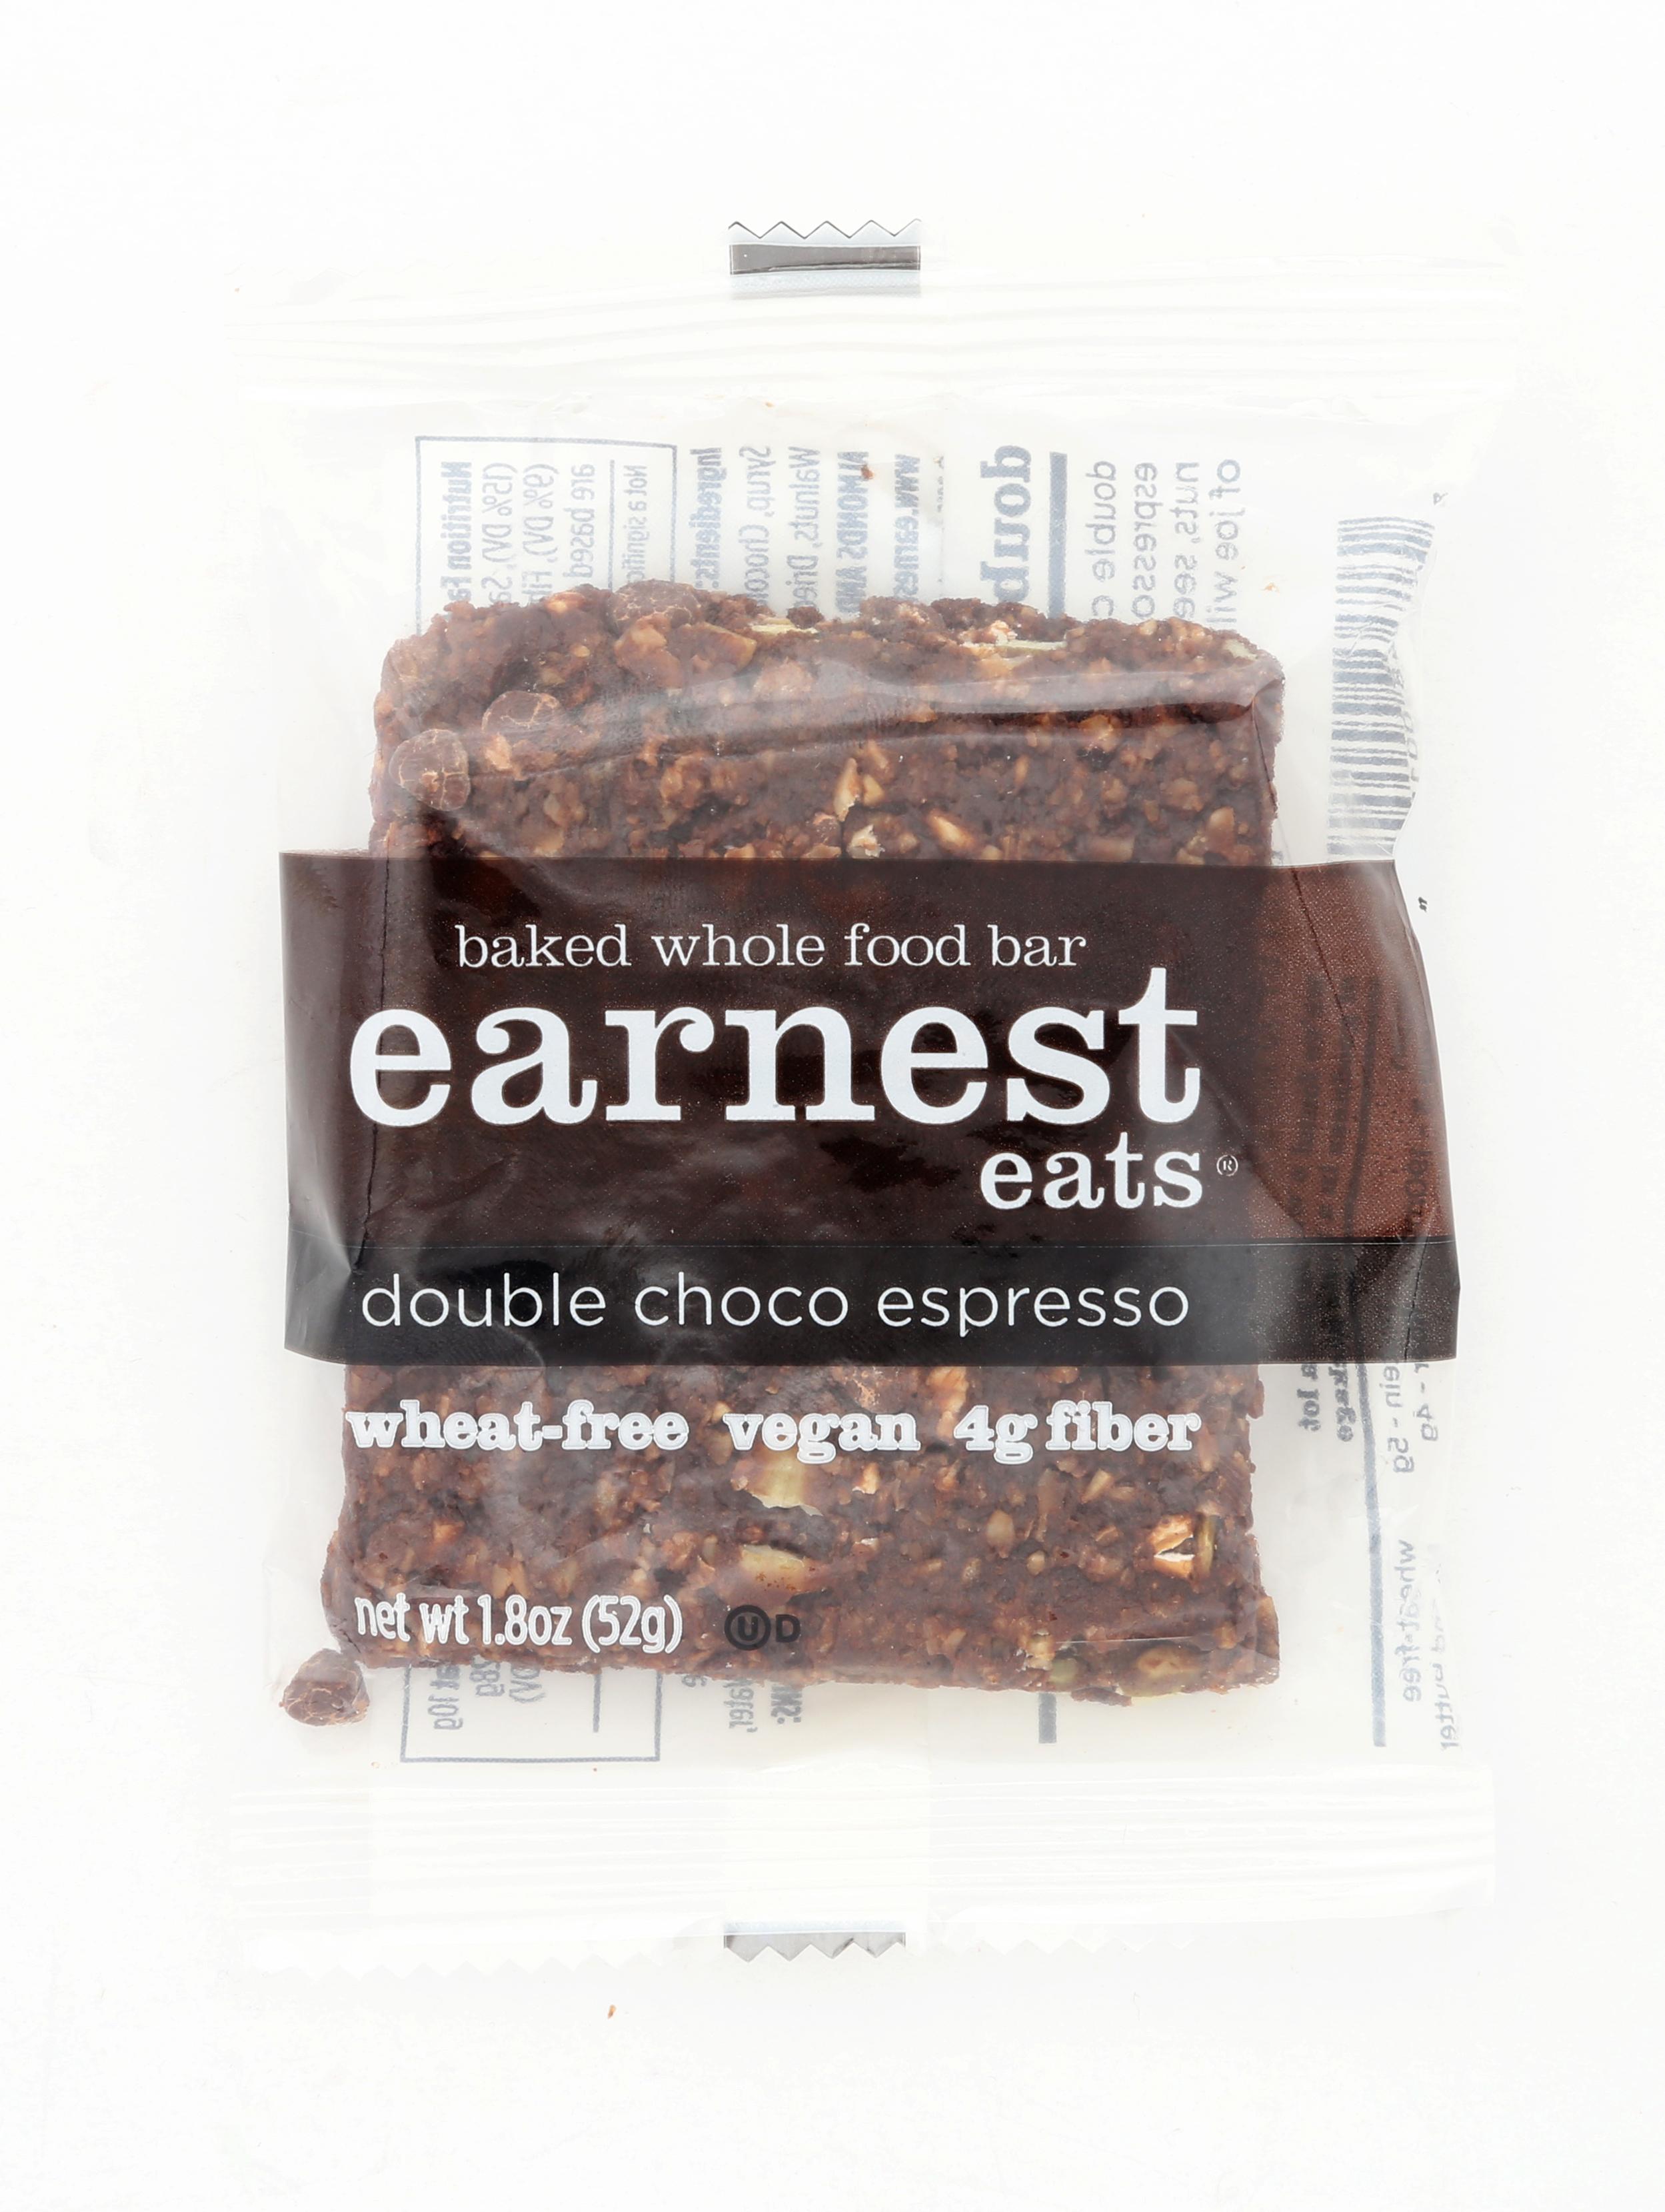 Double Choco Espresso